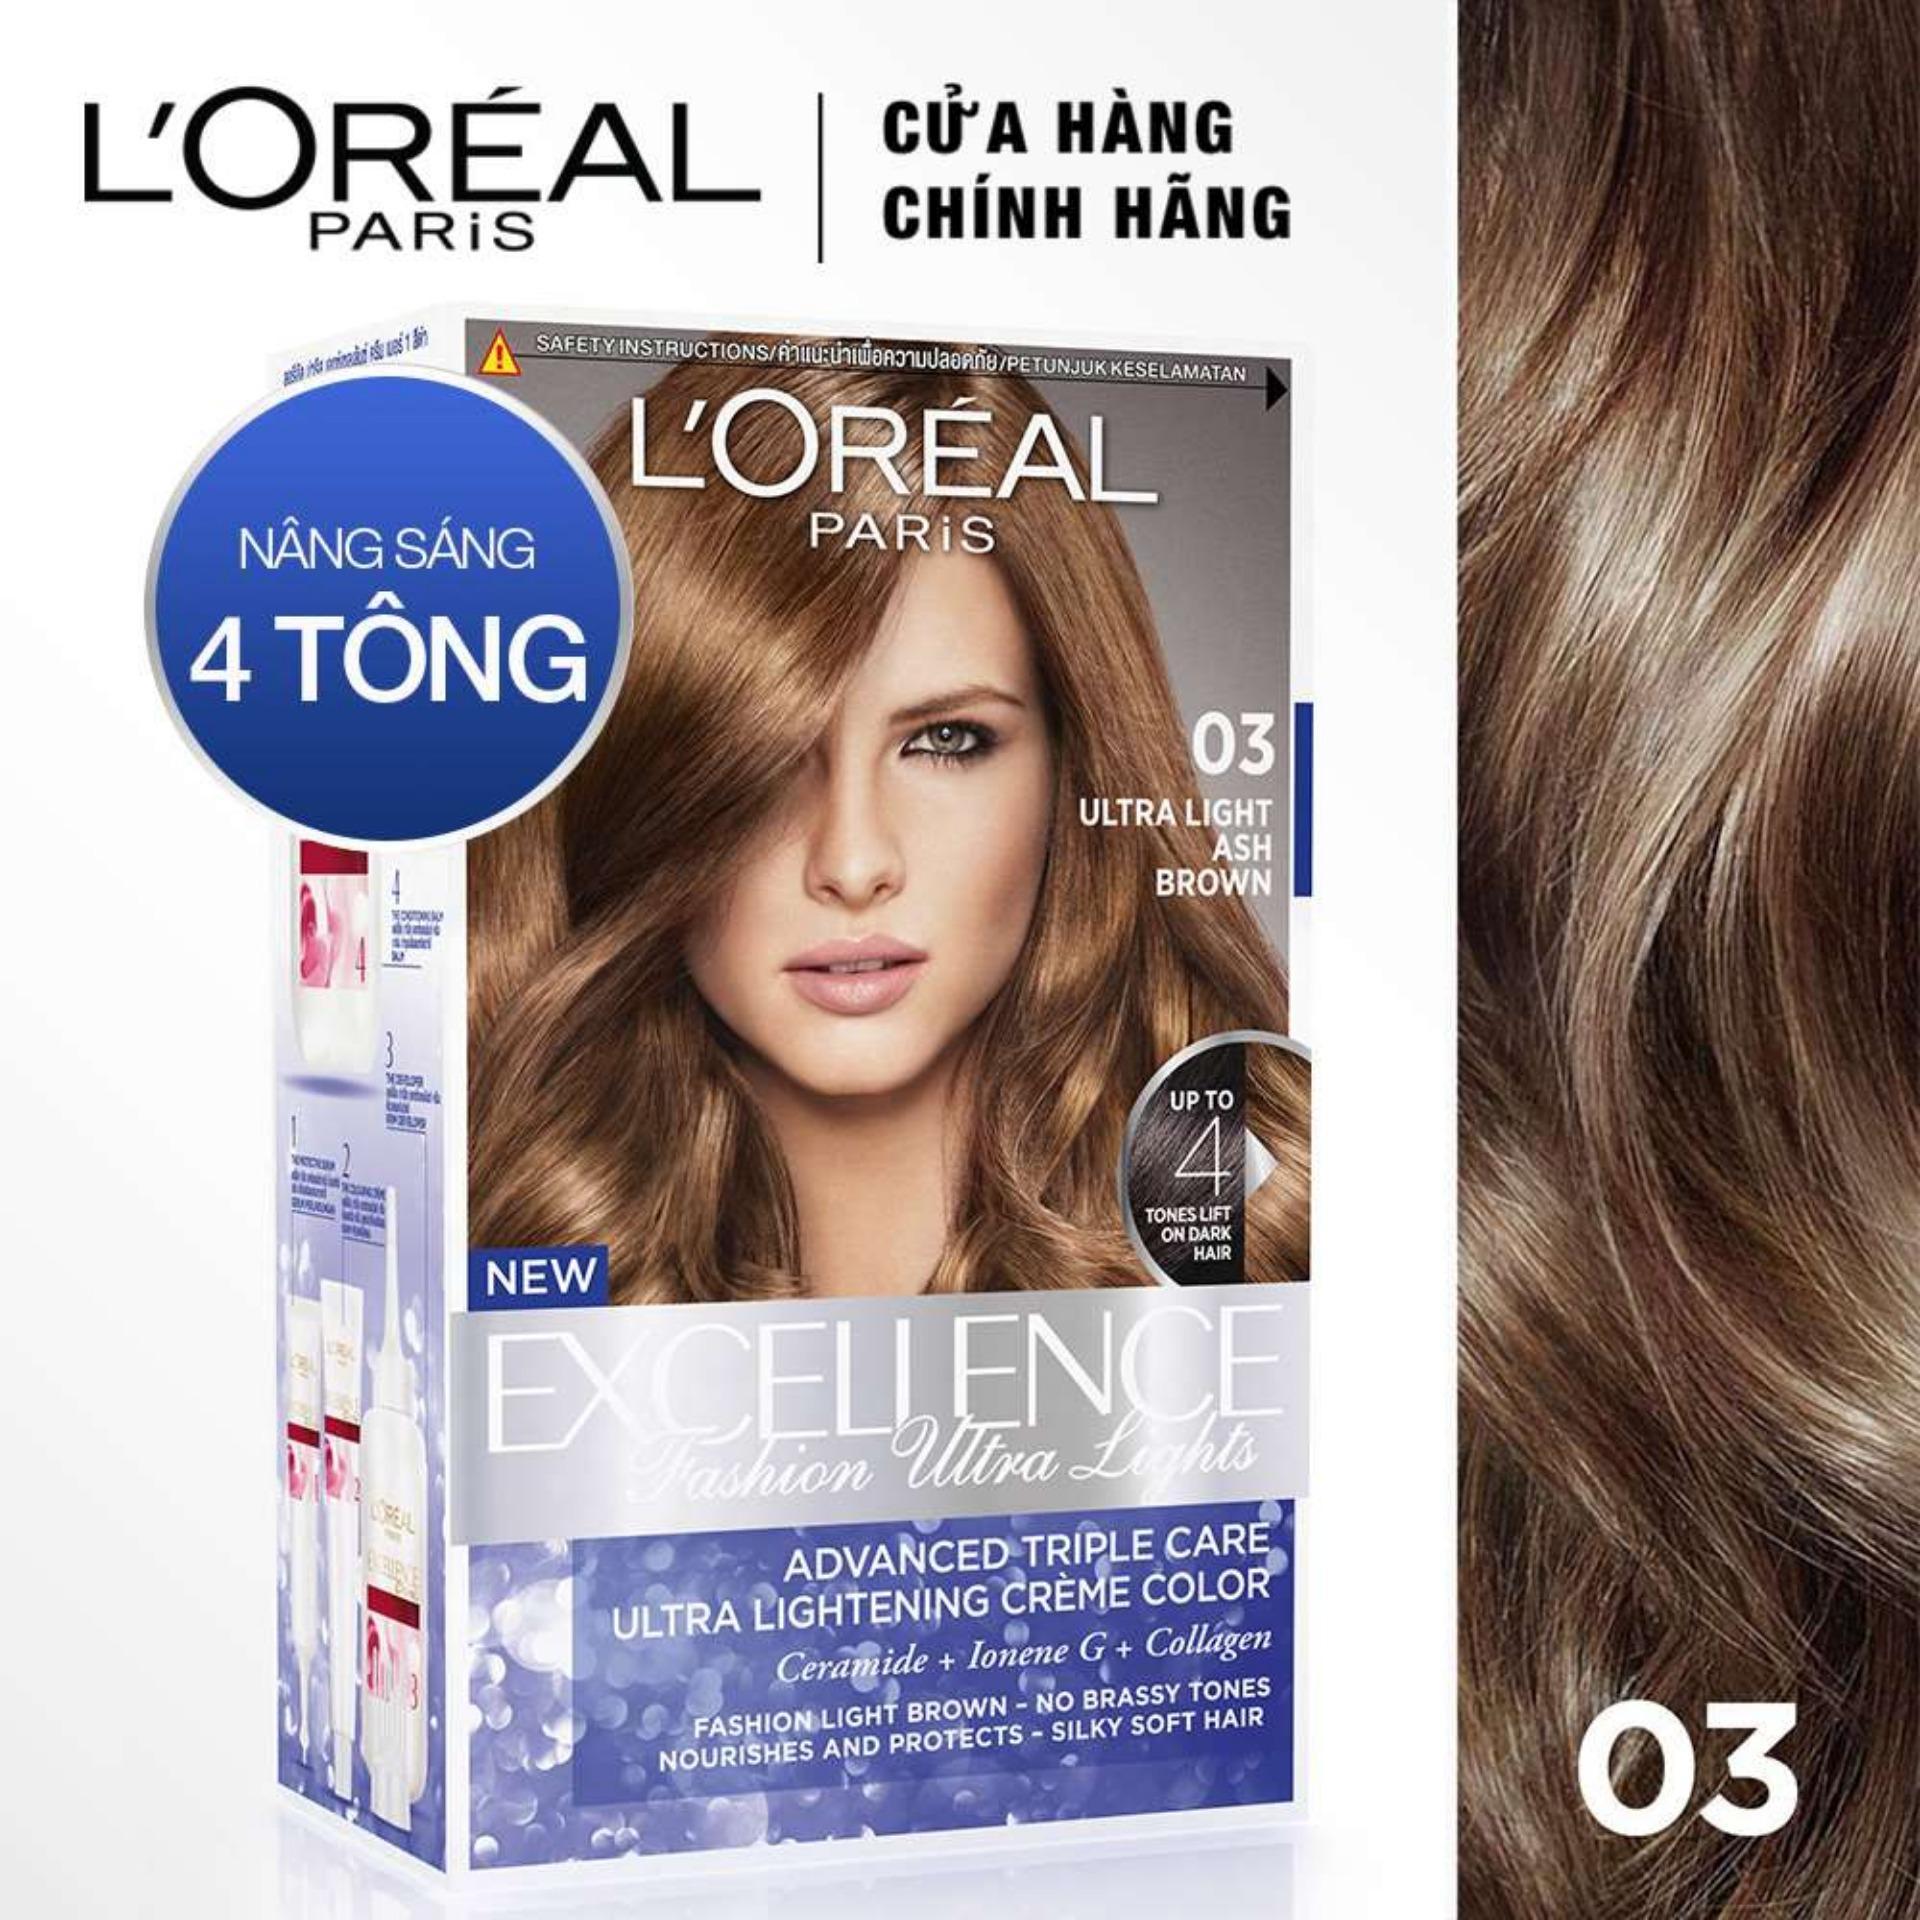 Kem nhuộm tóc nâng sáng LOreal Paris Excellence Fashion Ultra Light 172ml